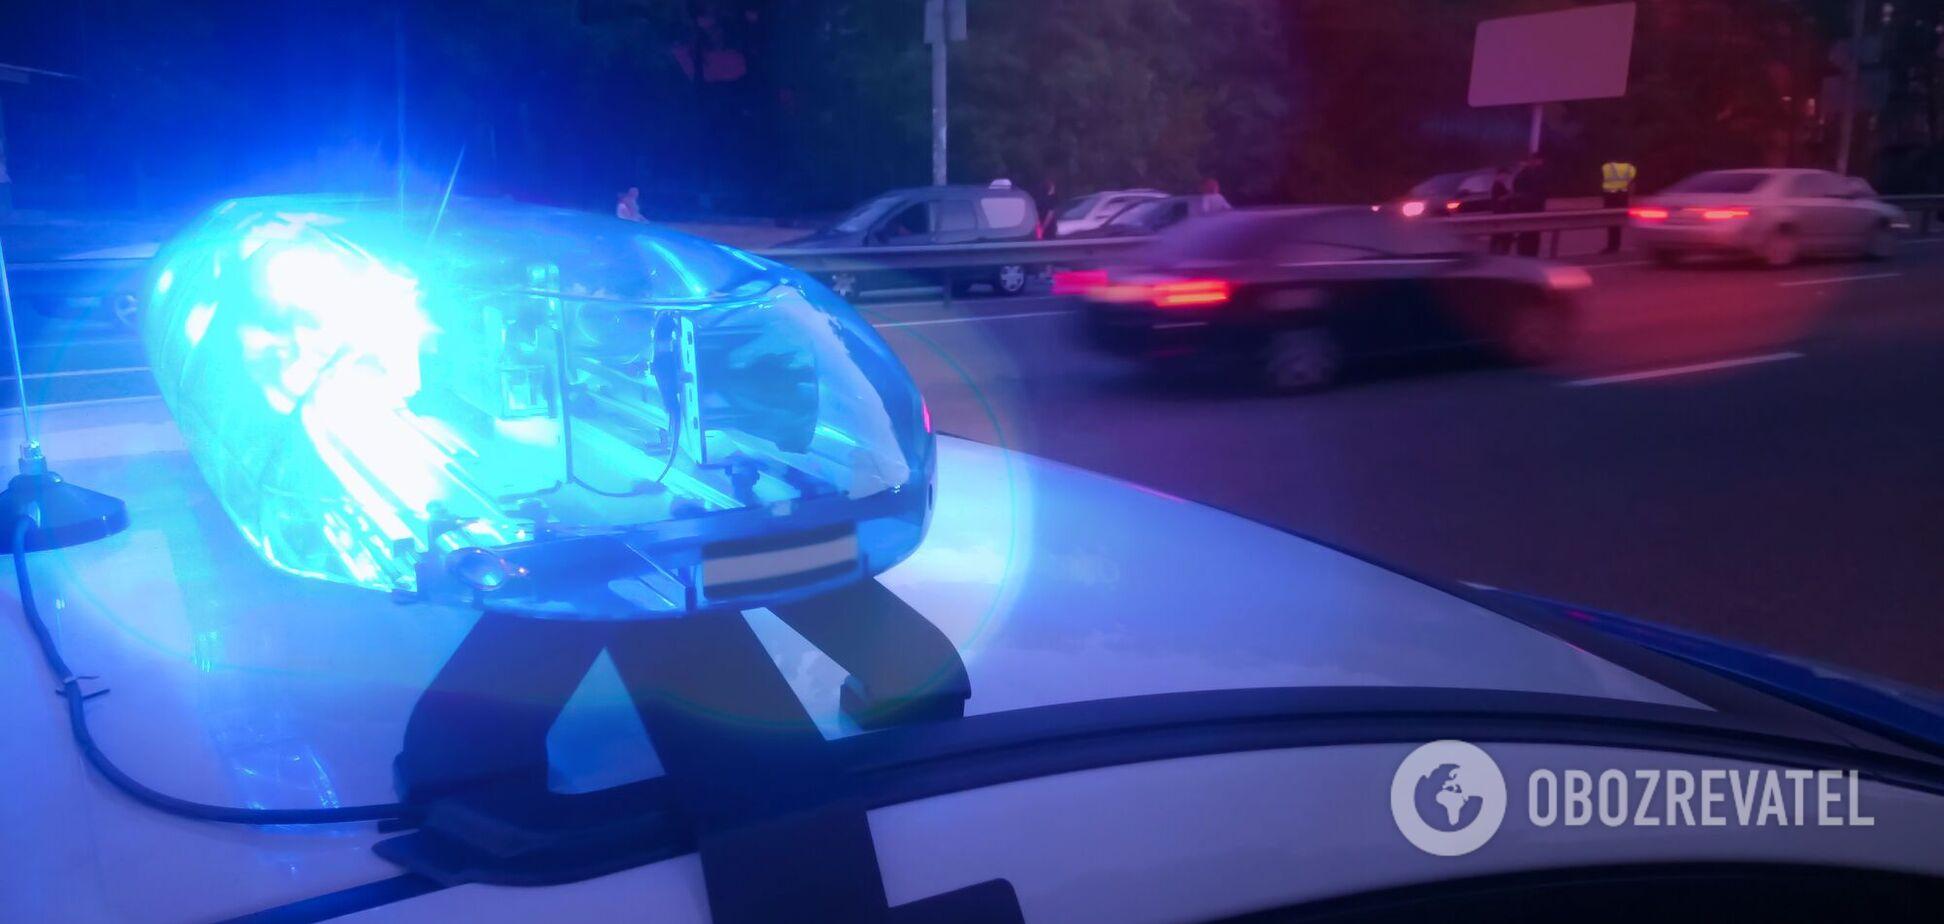 Причины смерти мужчины установит полиция